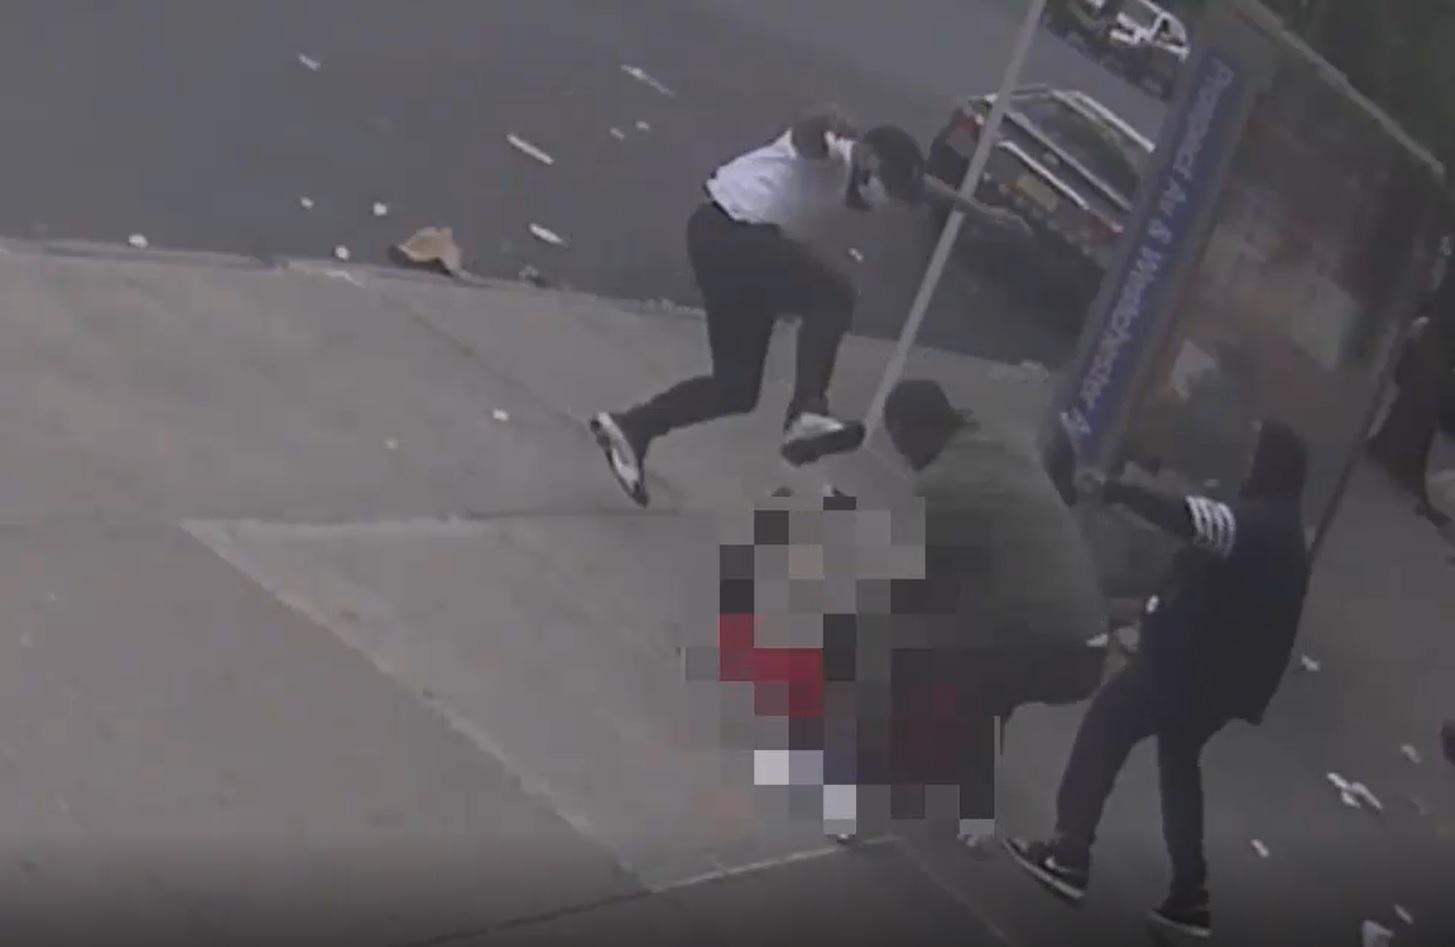 bronx sidewalk beating suspects